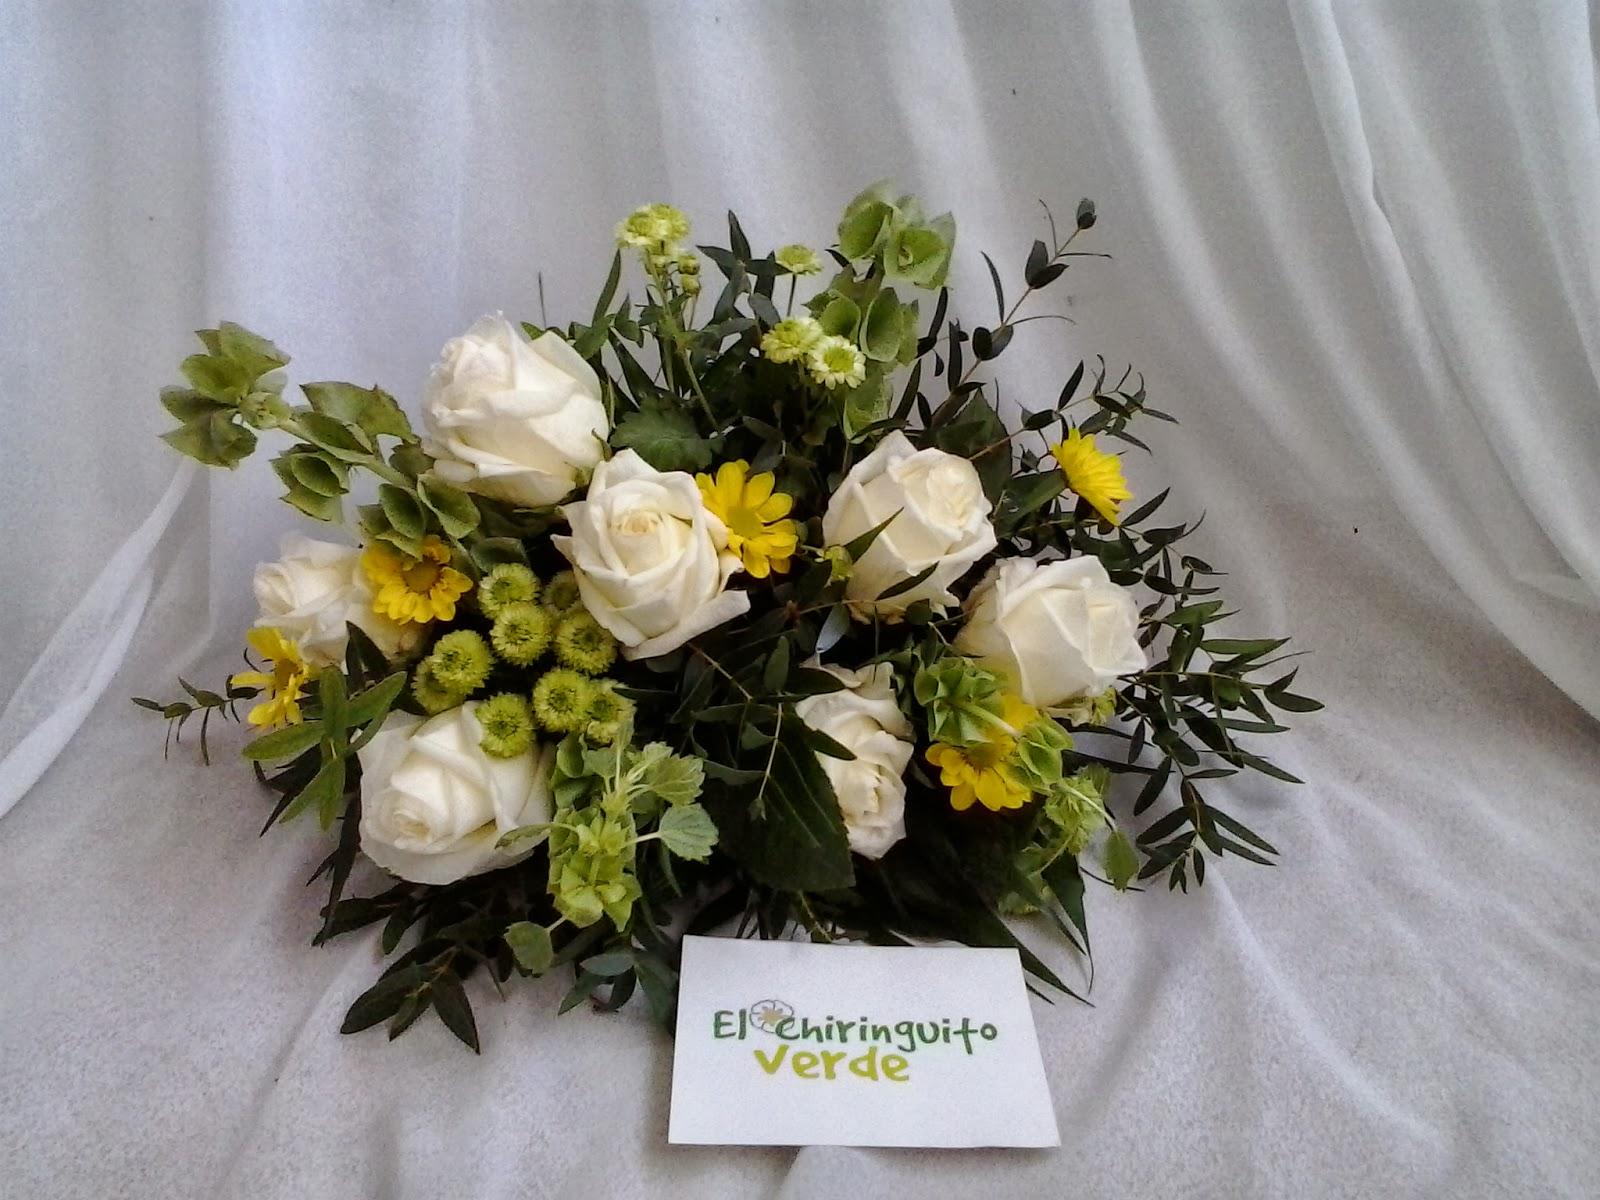 Imagenes De Centros De Flores Para Difuntos - ¿Por qué llevamos flores a los cementerios? ABC es